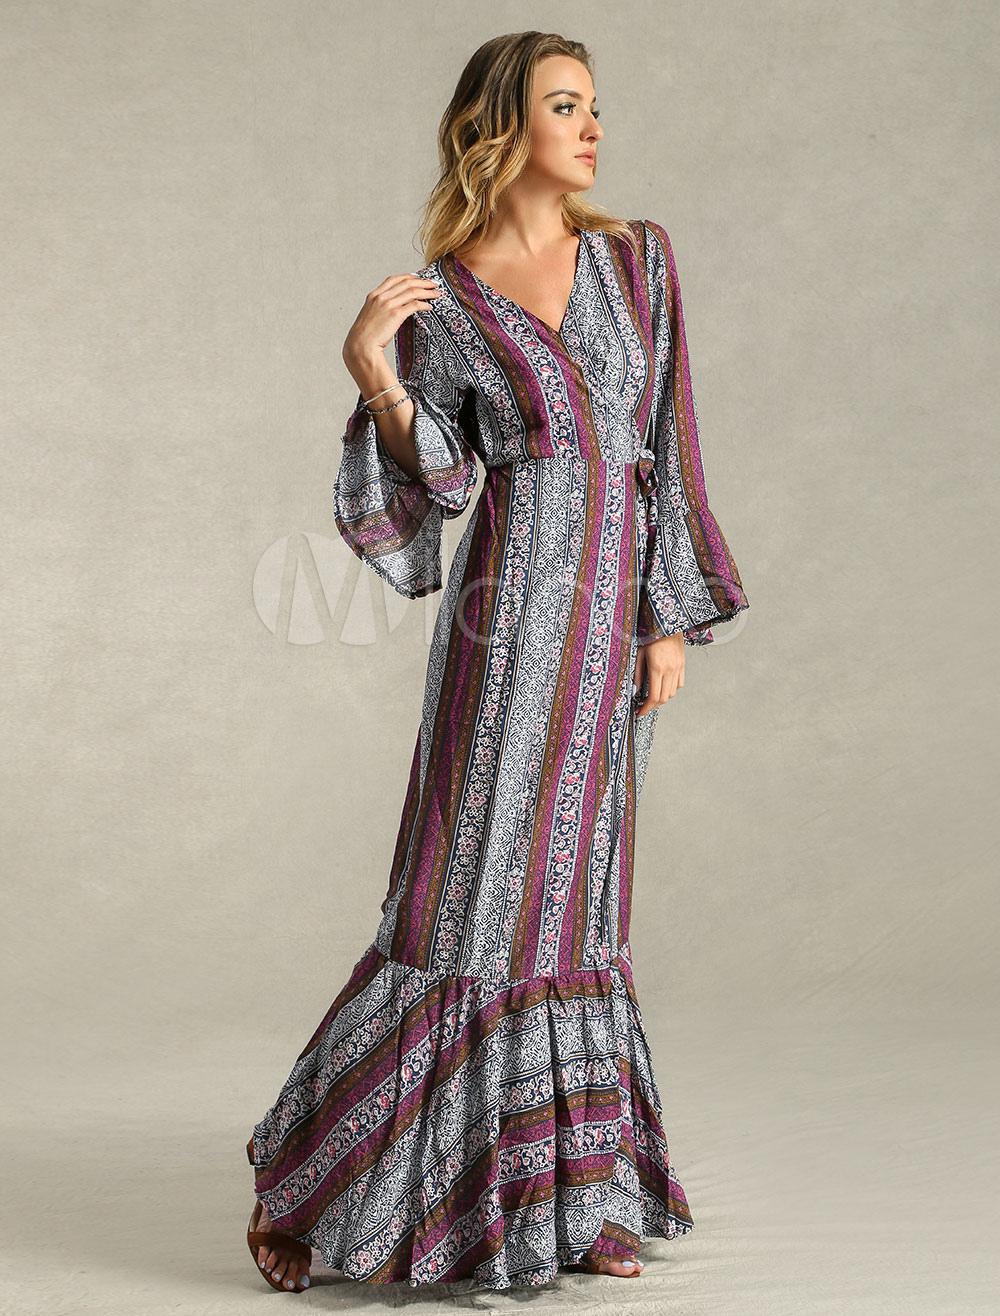 maxikleid langarm sommerkleider lang pflaume damenmode v-ausschnitt mit  print für frühling bohemian kleider maxi kleid und alltag baumwolle kleider